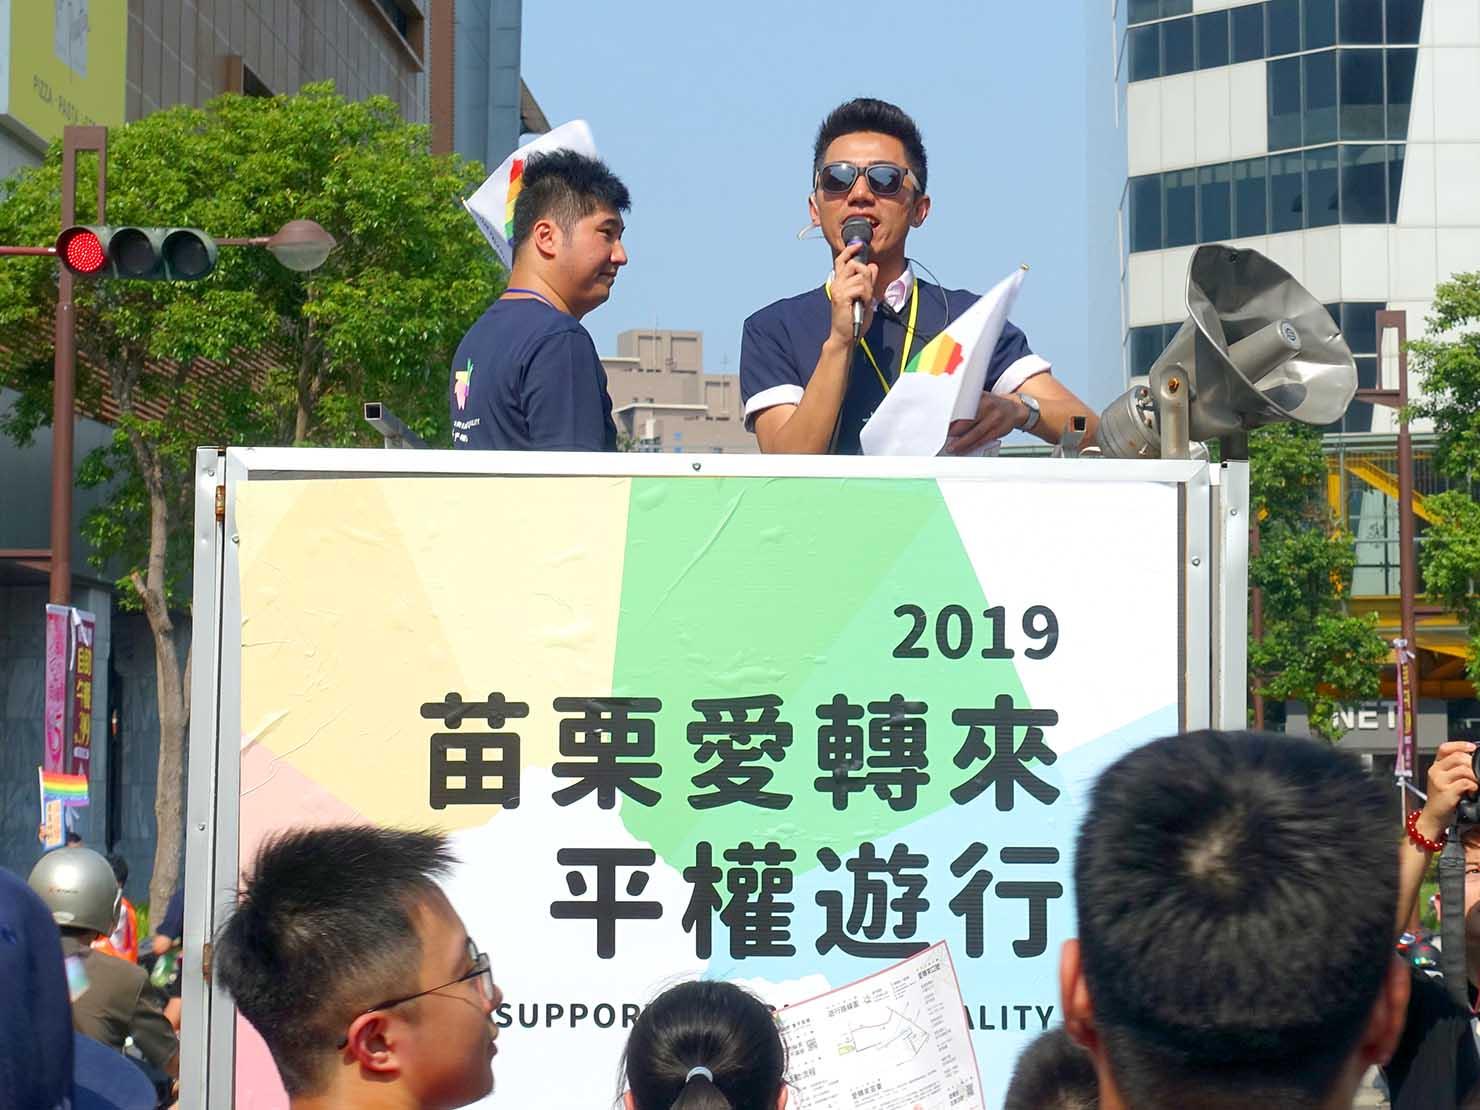 苗栗愛轉來平權遊行(苗栗LGBTプライド)2019のパレード先導車からアナウンスする司会者